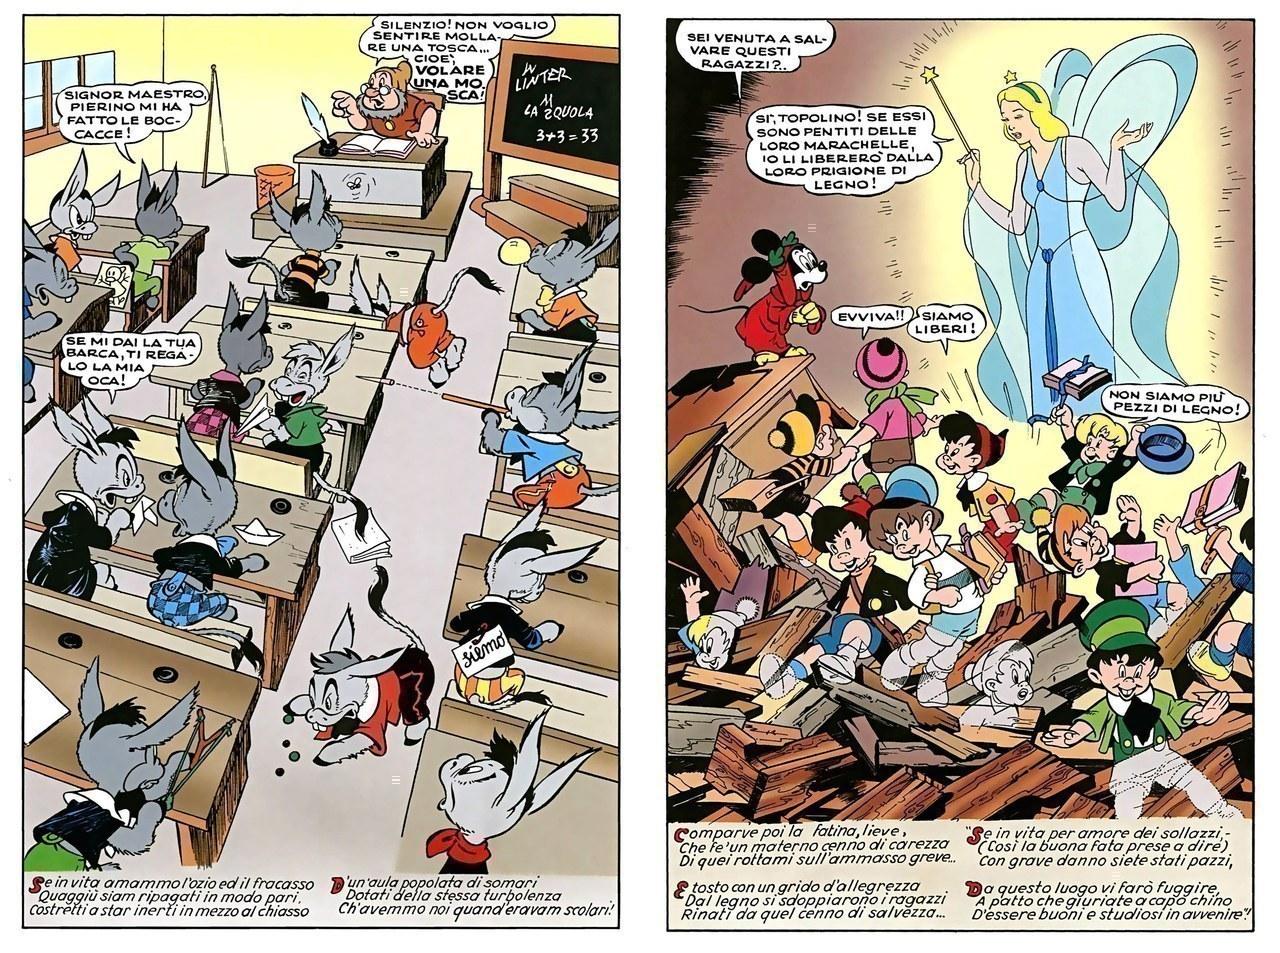 Guido Martina, Angelo Bioletto, I violenti contro i banchi di scuola, china su carta e colore, 1949-1950, tavv. 43 e 46